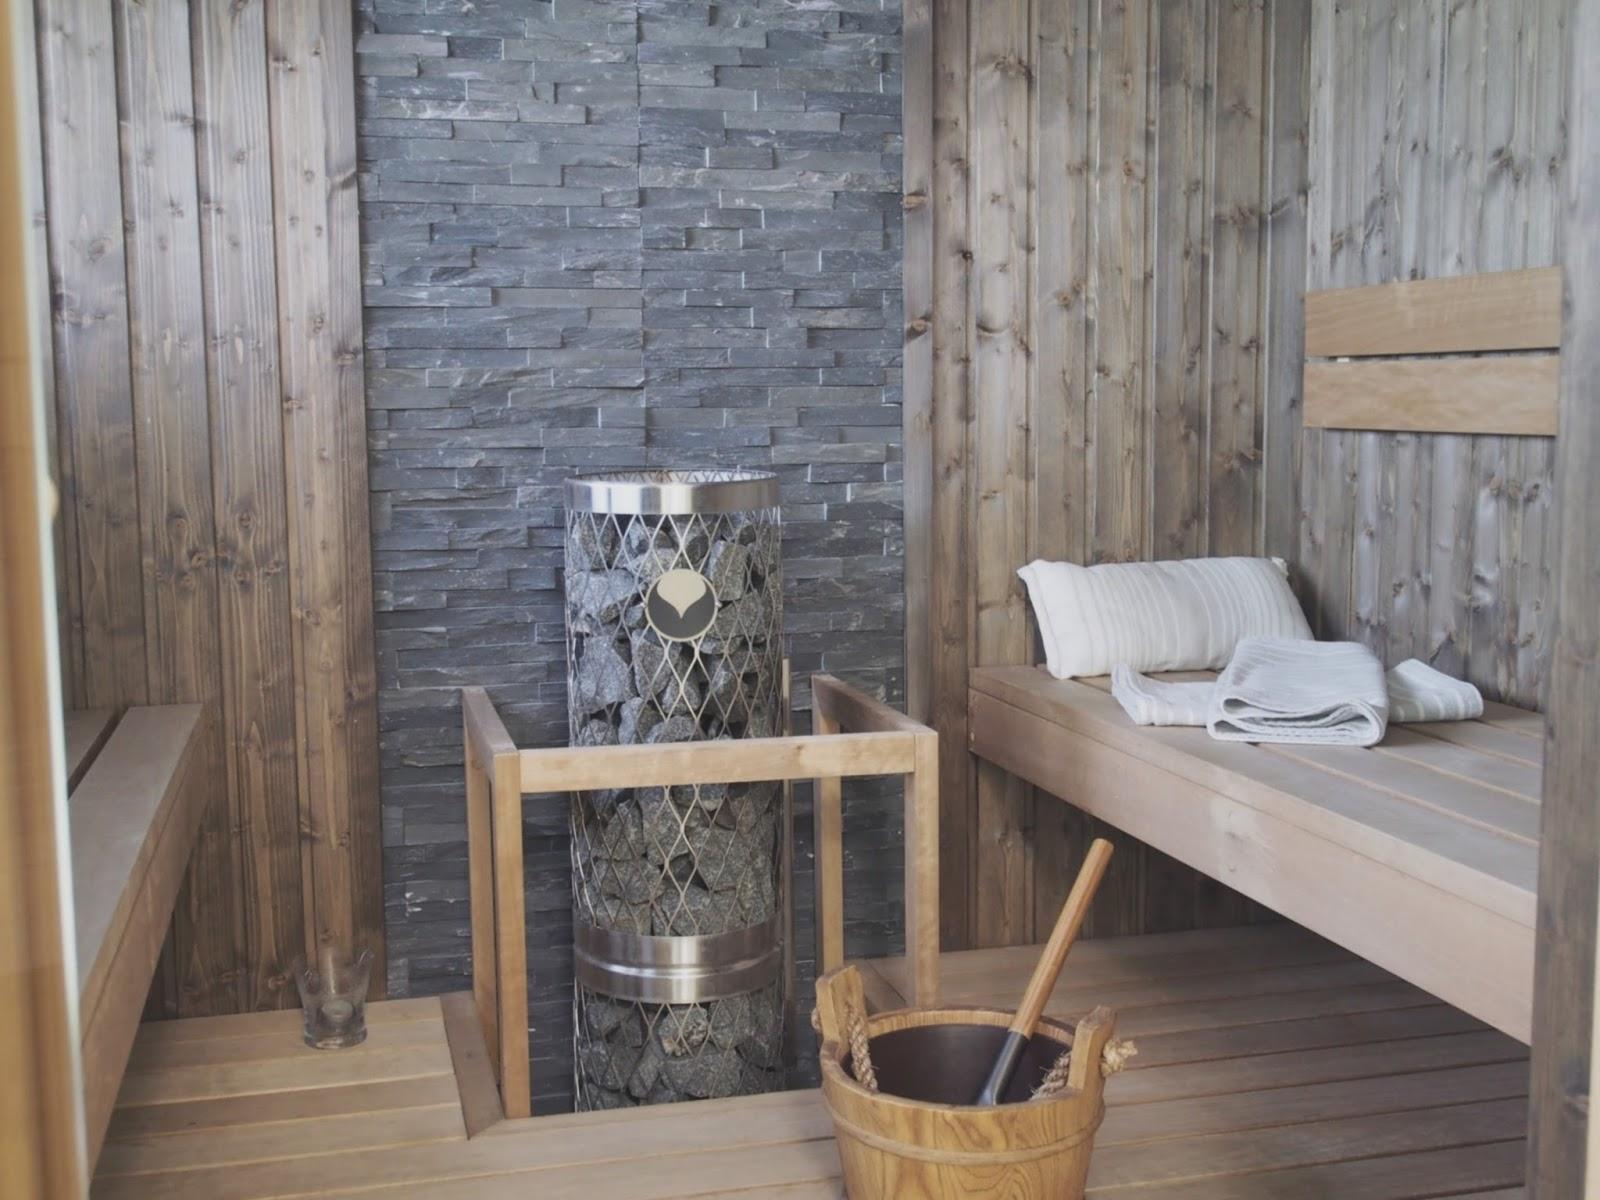 vaahtokarkkia ja salmiakkia remontin muisteluita osa 1 sauna. Black Bedroom Furniture Sets. Home Design Ideas